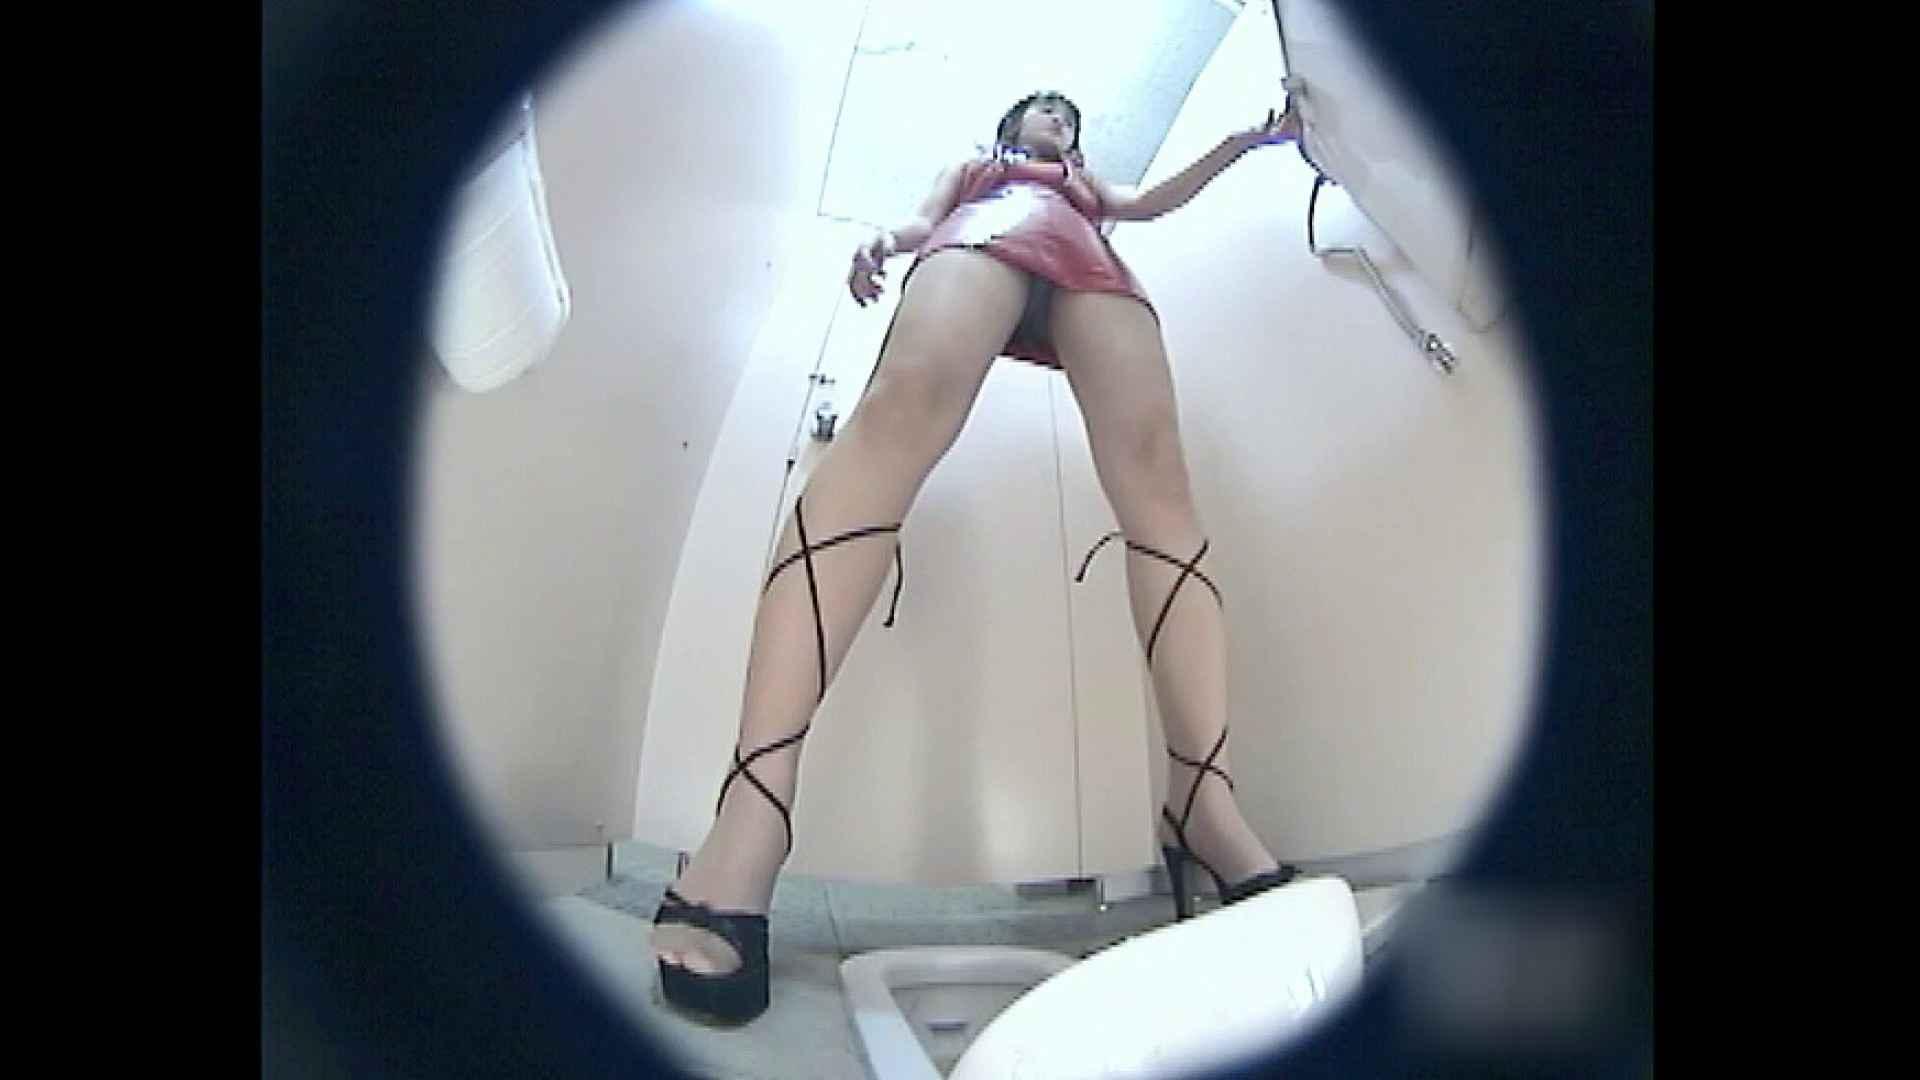 レースクィーントイレ盗撮!Vol.03 盗撮 盗み撮り動画キャプチャ 88枚 58